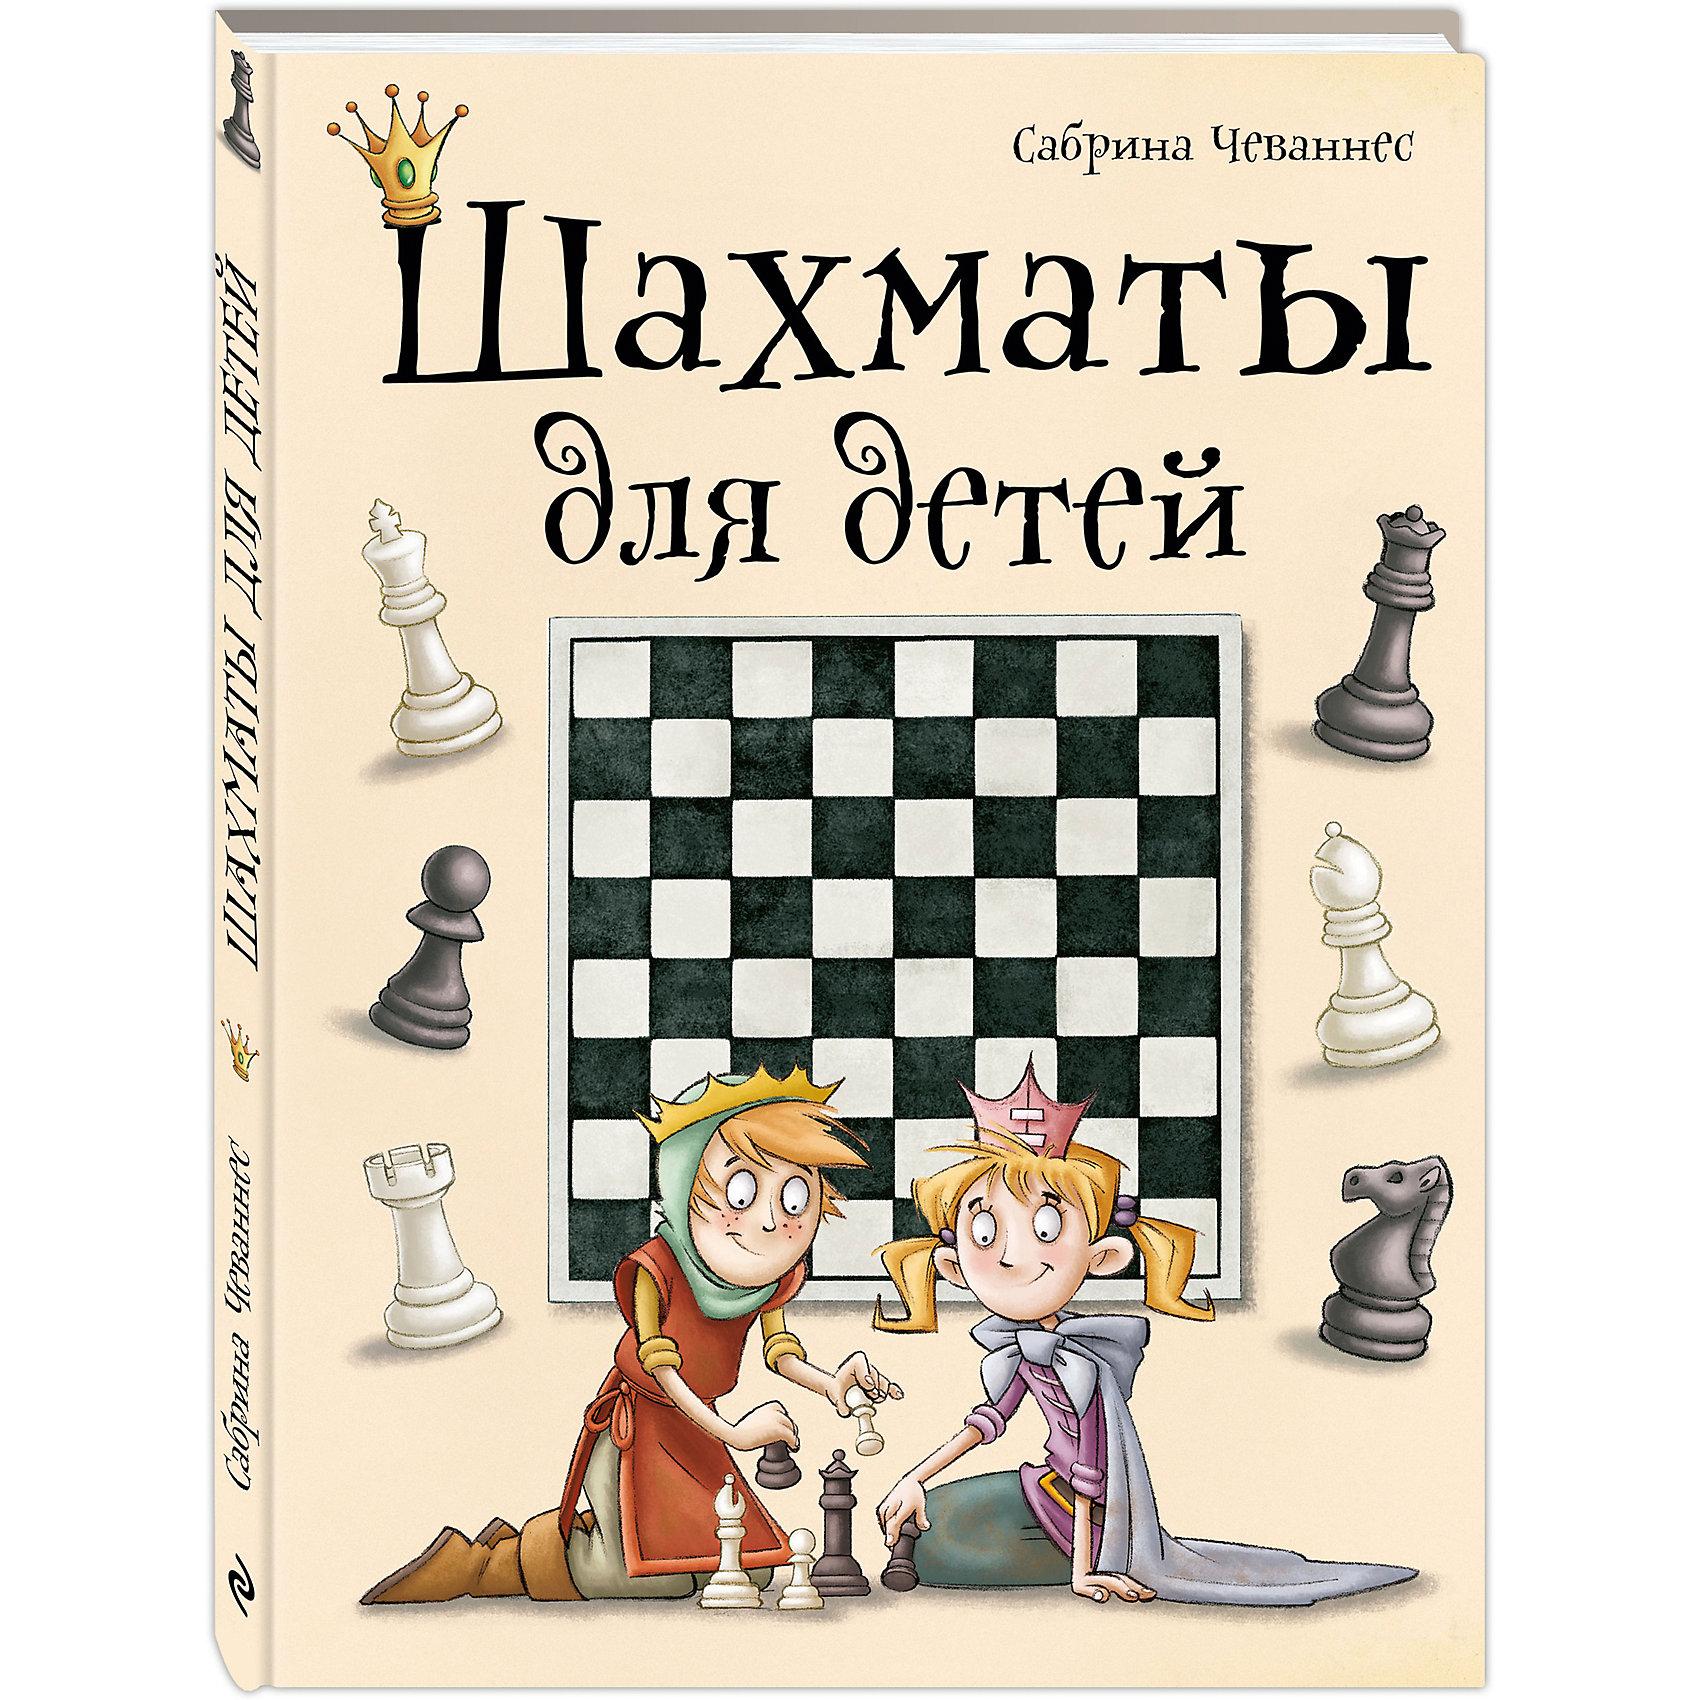 Шахматы для детейЭксмо<br>Герои этой красочной книги с обворожительными авторскими иллюстрациями в легкой игровой форме рассказывают детям об основных шахматных правилах, о разных фигурах и о том, как они ходят, приводят некоторые шахматные хитрости, которые помогут одерживать победы, а также посвящают читателей в мир шахматных турниров.<br>Задачки в конце помогут детям лучше понять игру и сделают их выдающимися шахматистами.<br><br>Дополнительная информация:<br><br>- год выпуска: 2016<br>- количество страниц:128<br>- формат: 25 * 20* 1.7см.<br>- переплет: твердый переплет<br>- вес: 660 гр.<br>- возраст: от  4 до 7 лет<br><br><br>Книгу Шахматы для детей можно купить в нашем интернет - магазине.<br><br>Ширина мм: 250<br>Глубина мм: 185<br>Высота мм: 13<br>Вес г: 665<br>Возраст от месяцев: 36<br>Возраст до месяцев: 72<br>Пол: Унисекс<br>Возраст: Детский<br>SKU: 4753449